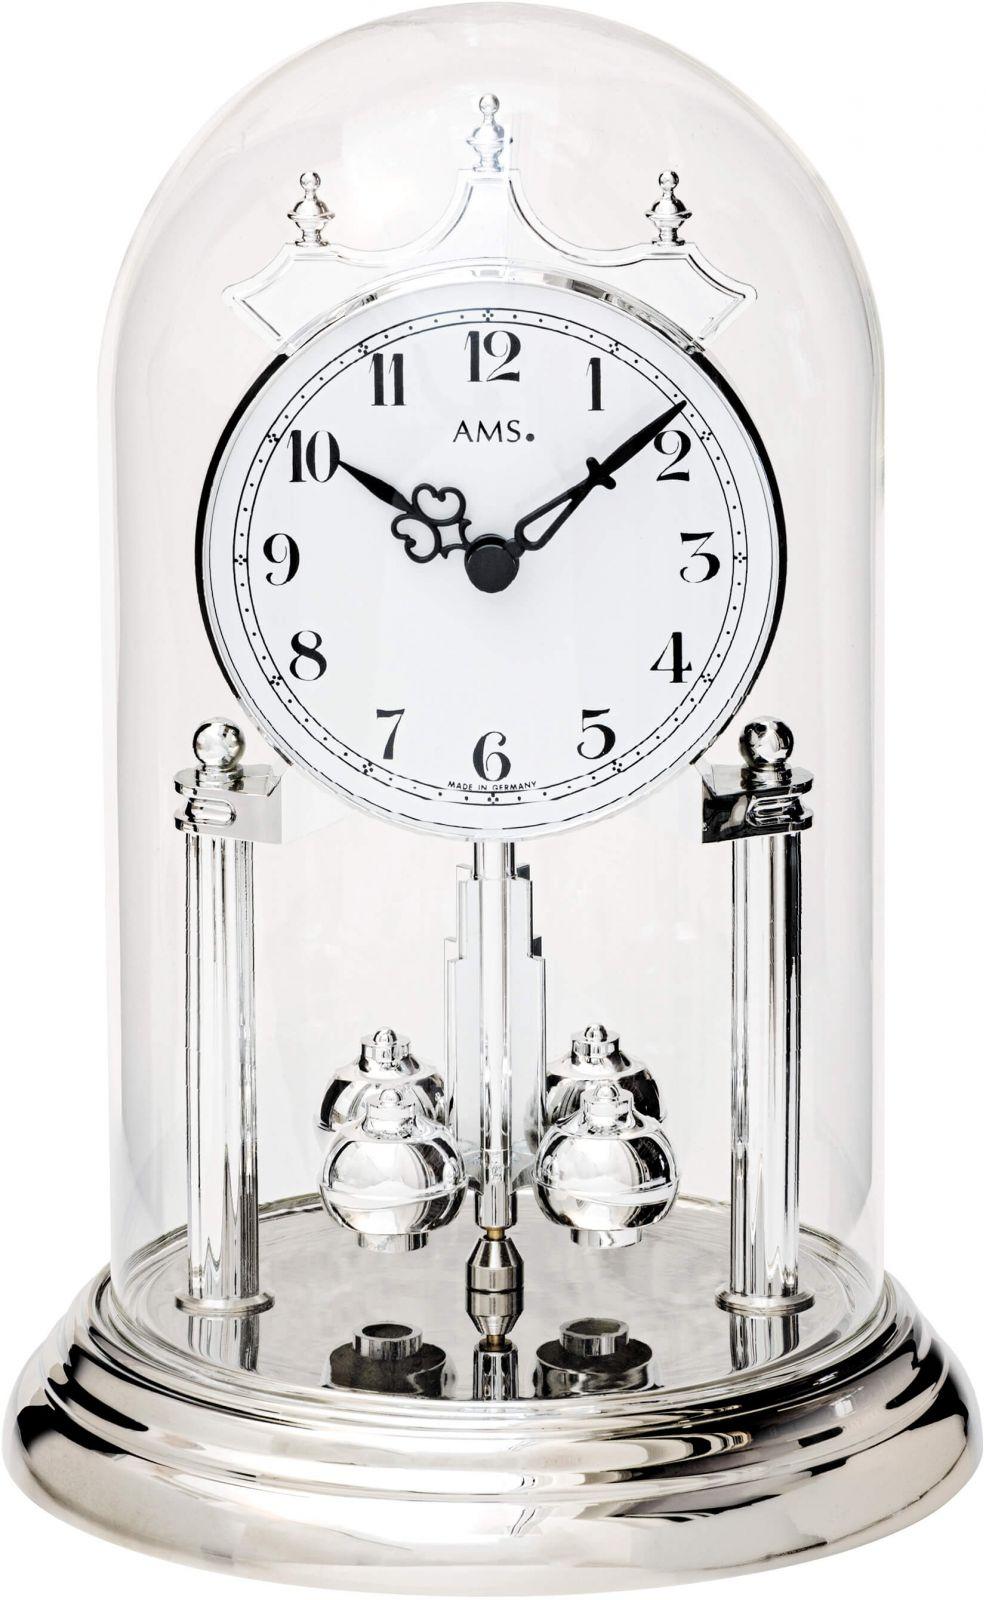 Stolní hodiny ročky ams 1206 stříbrná